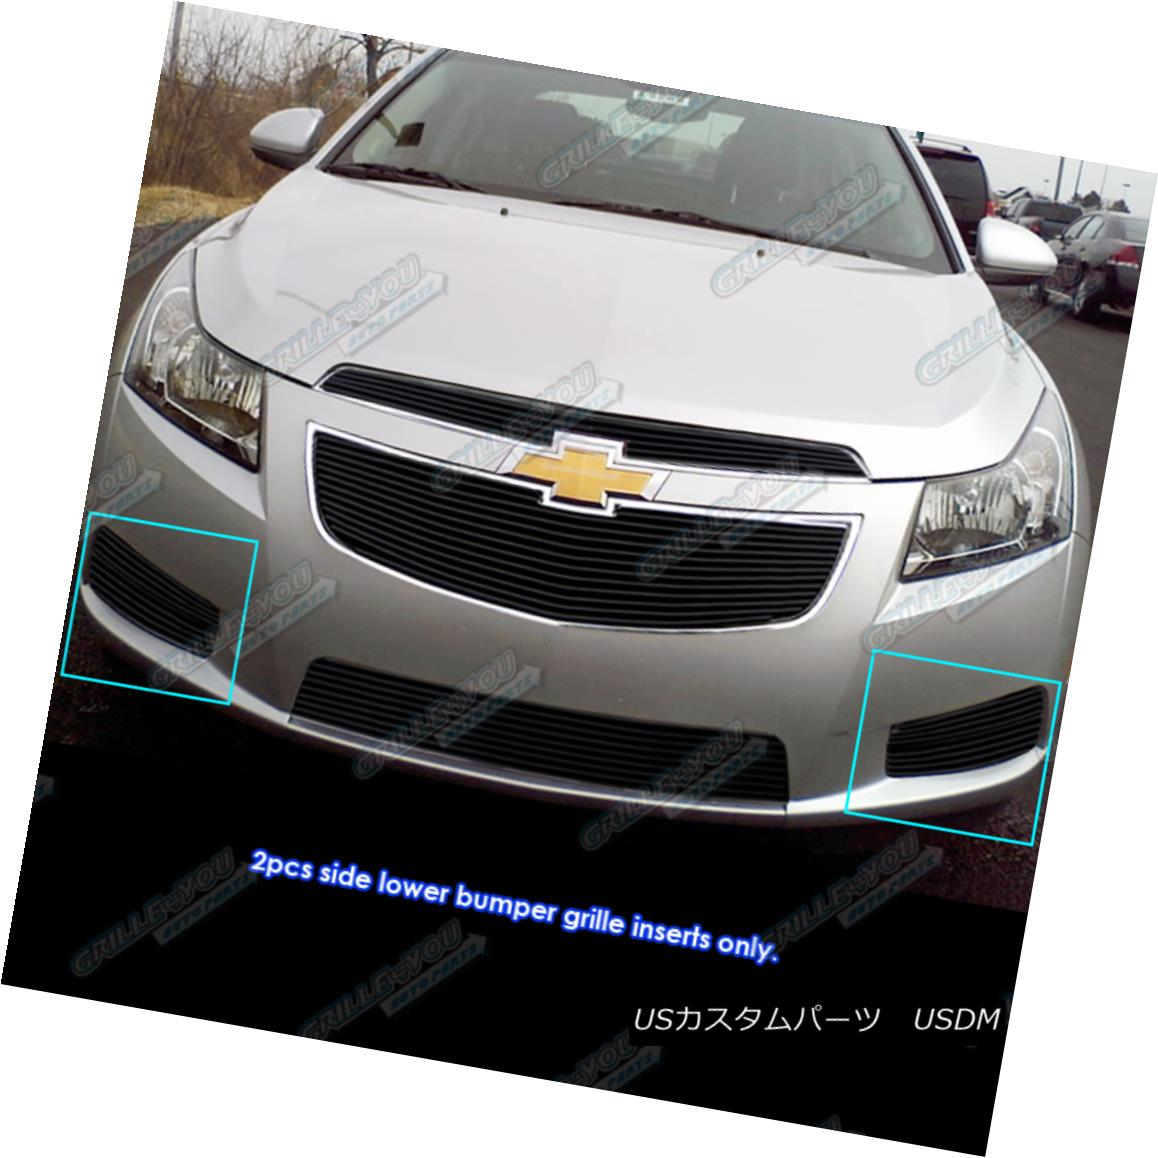 グリル Fits 2011-2014 Chevy Cruze Fog light Cover Black Billet Grille Grill Insert フィット2011-2014シボレークルーズフォグライトカバーブラックビレットグリルグリルインサート